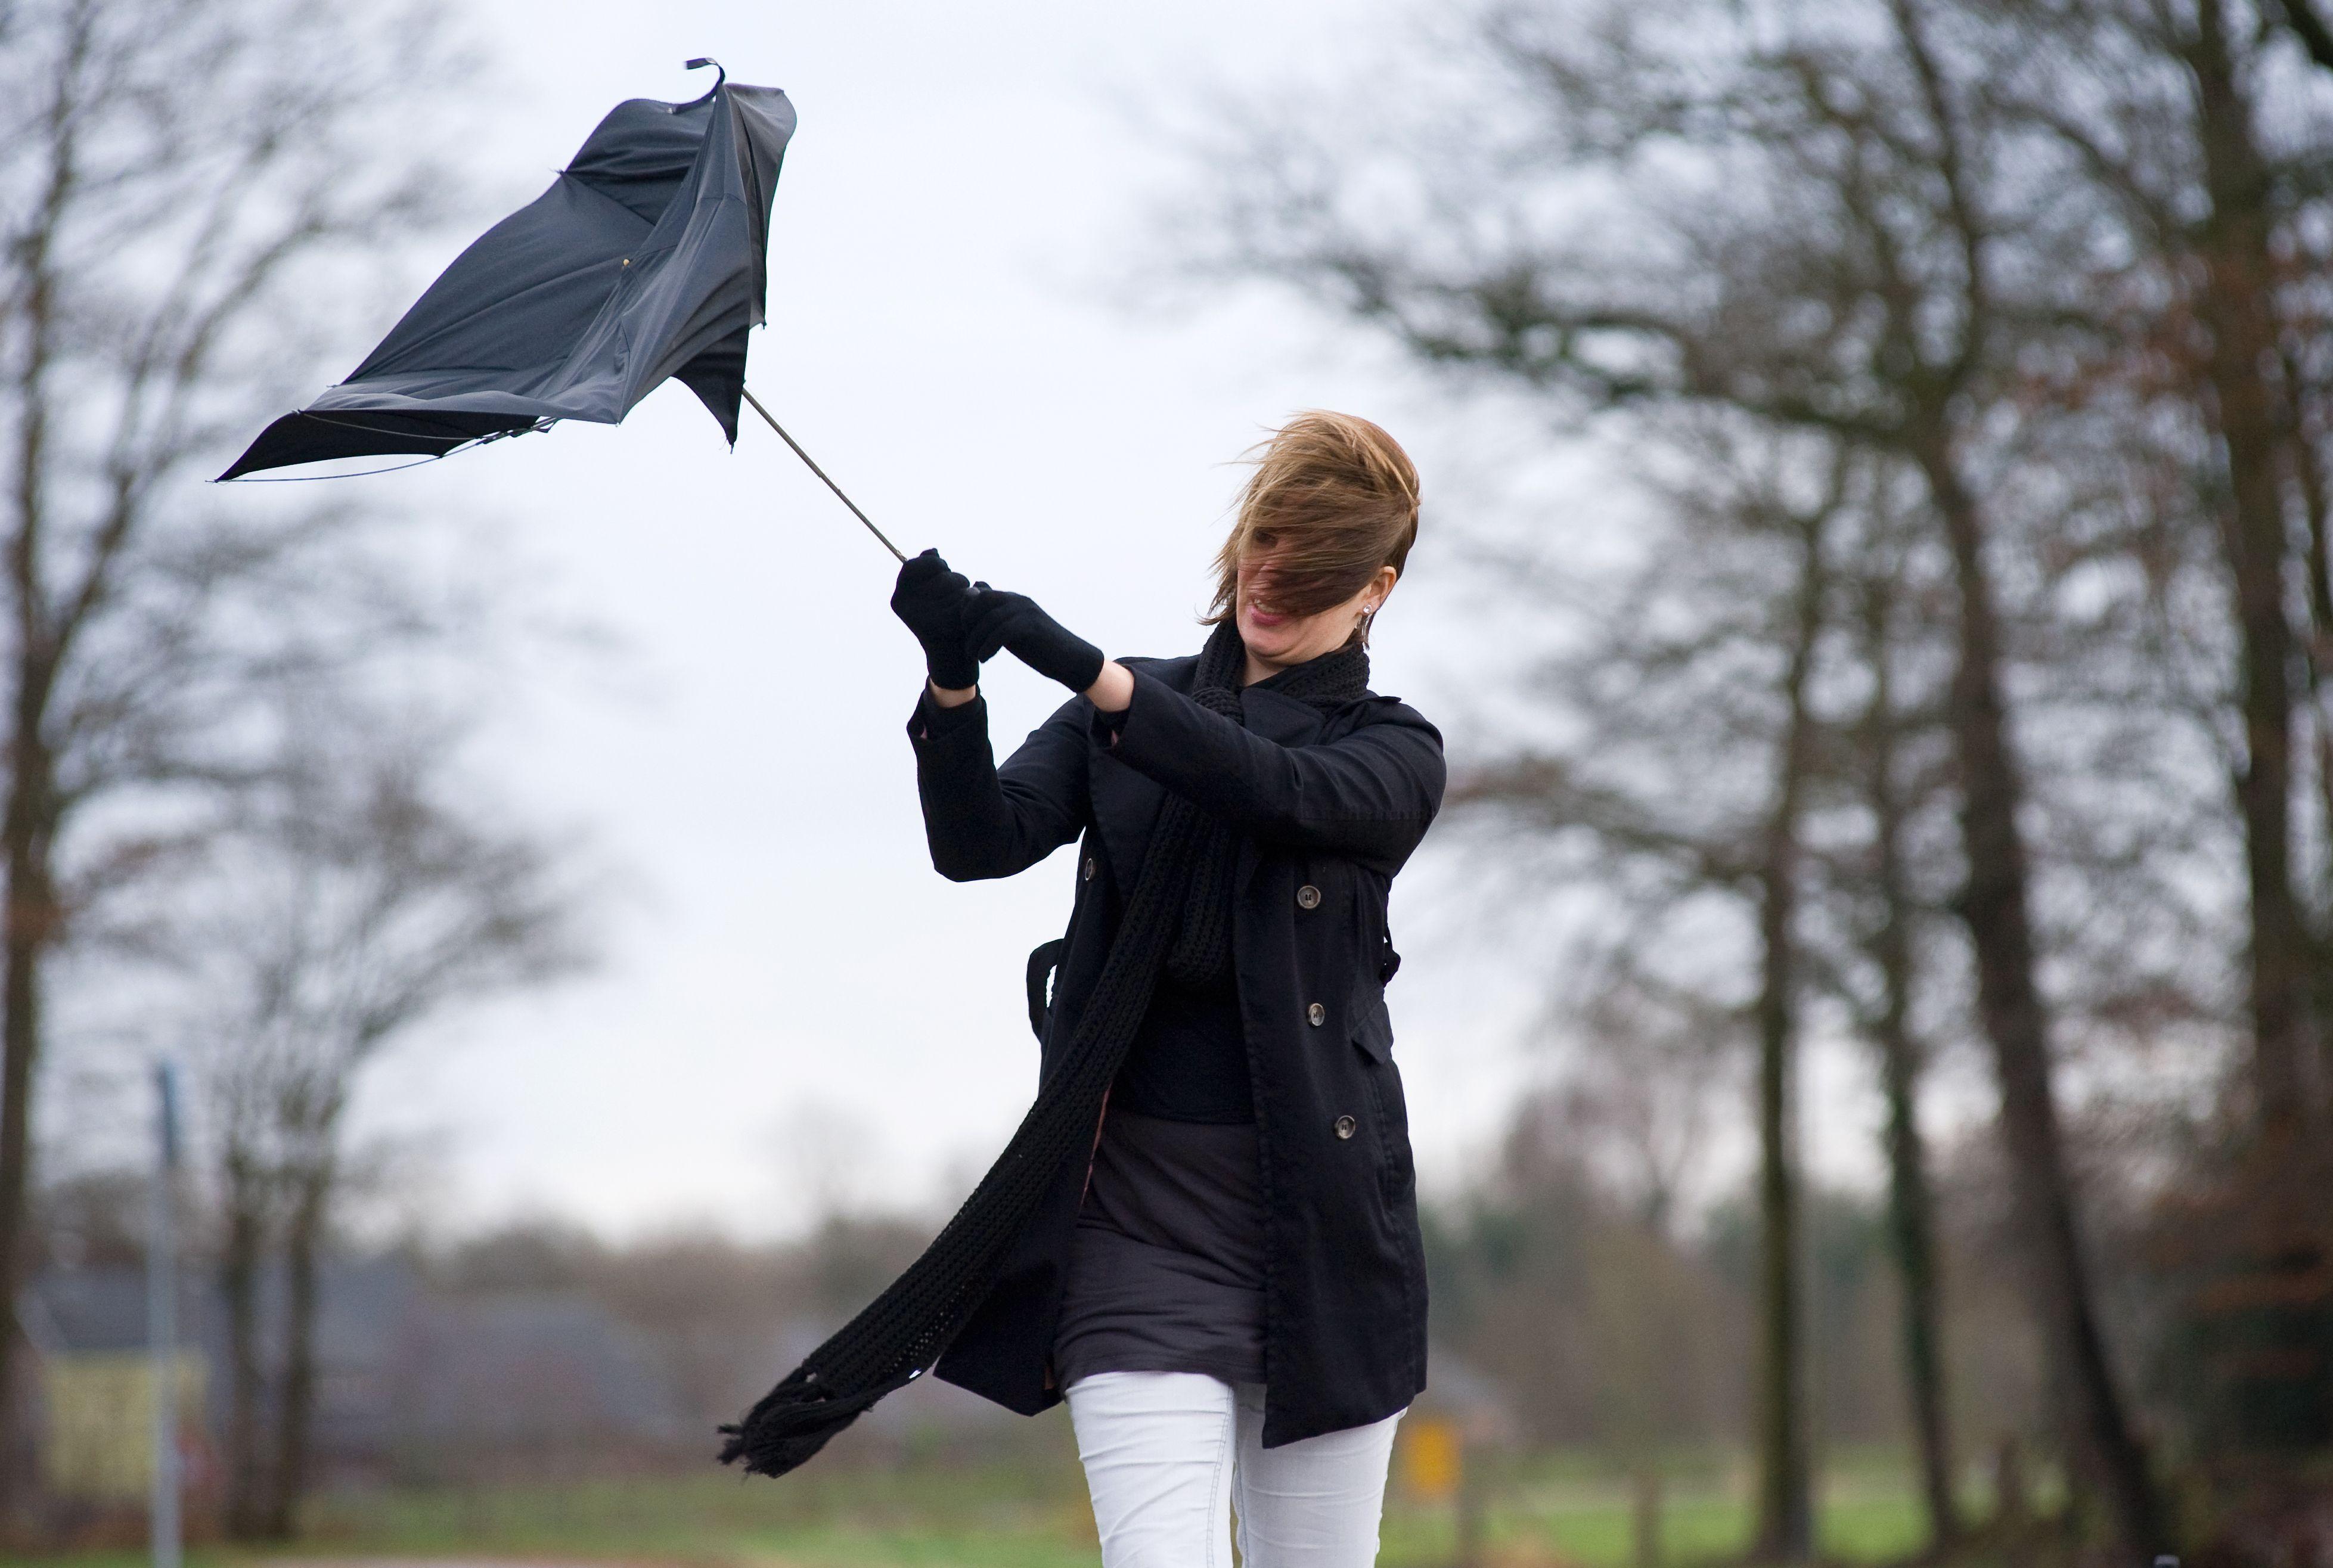 Meteorologii ANM au emis cod galben de vant puternic. Zonele afectate